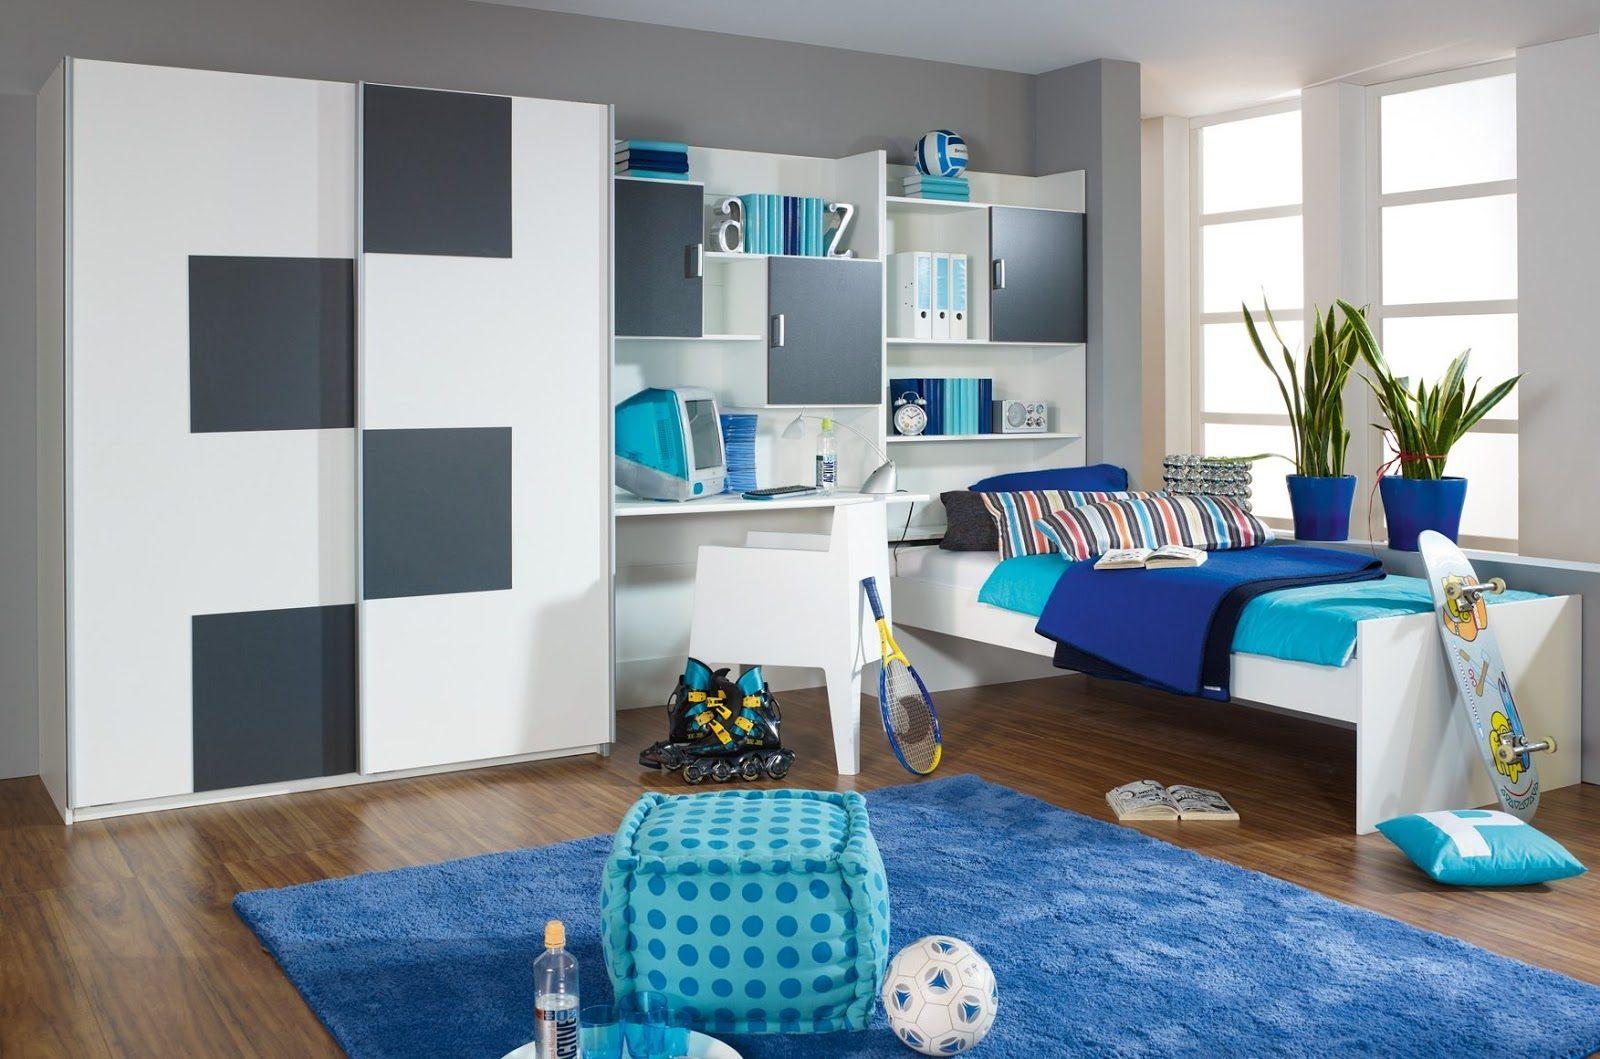 Galer a de im genes decoraci n de habitaciones infantiles for Habitacion juvenil nina